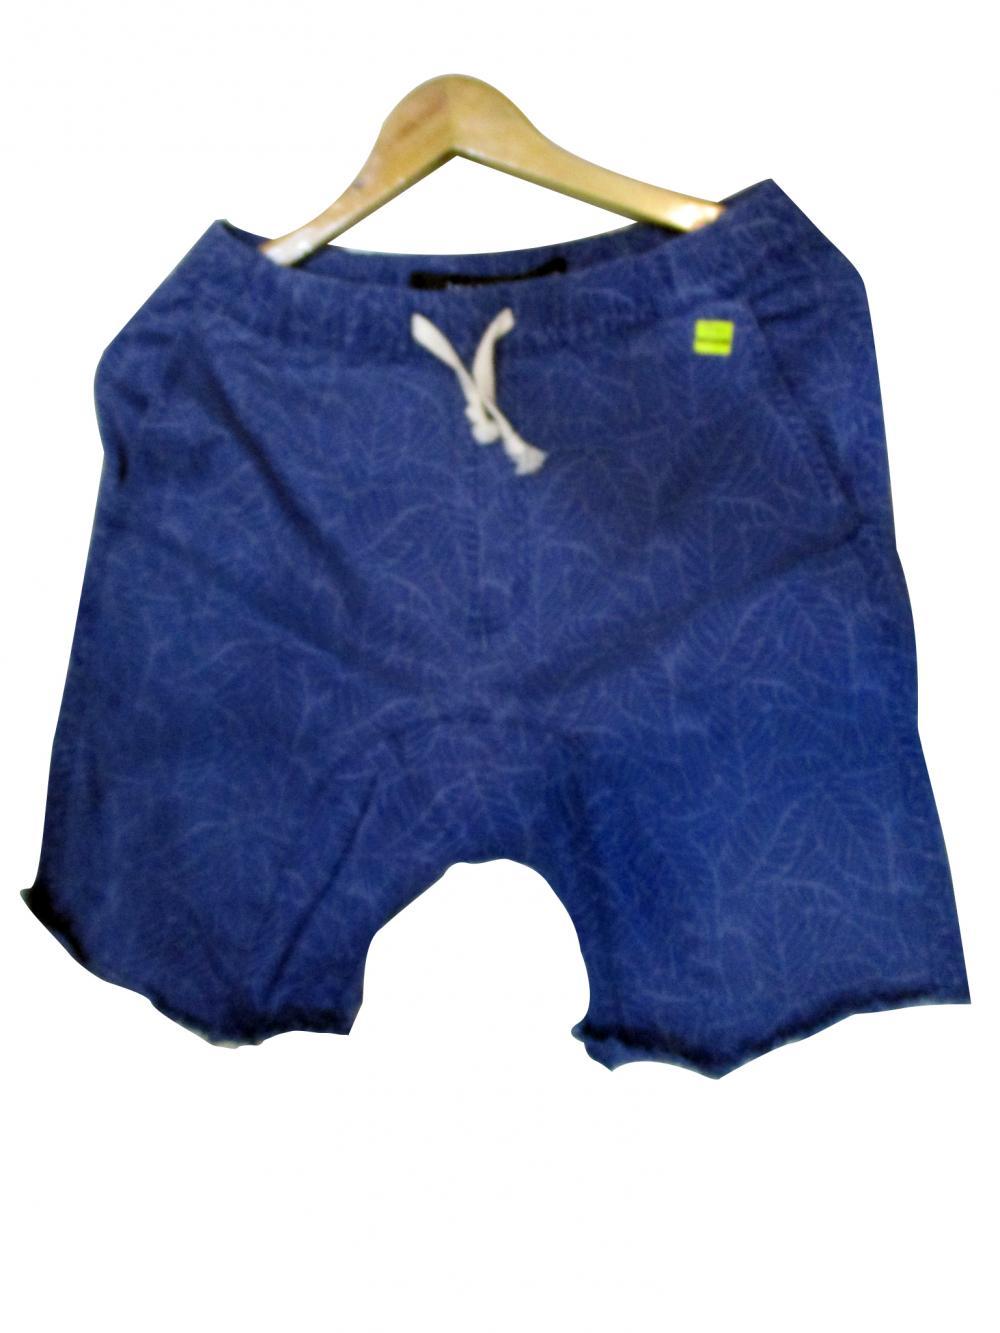 Bershka Shorts For Men - (JP-032)